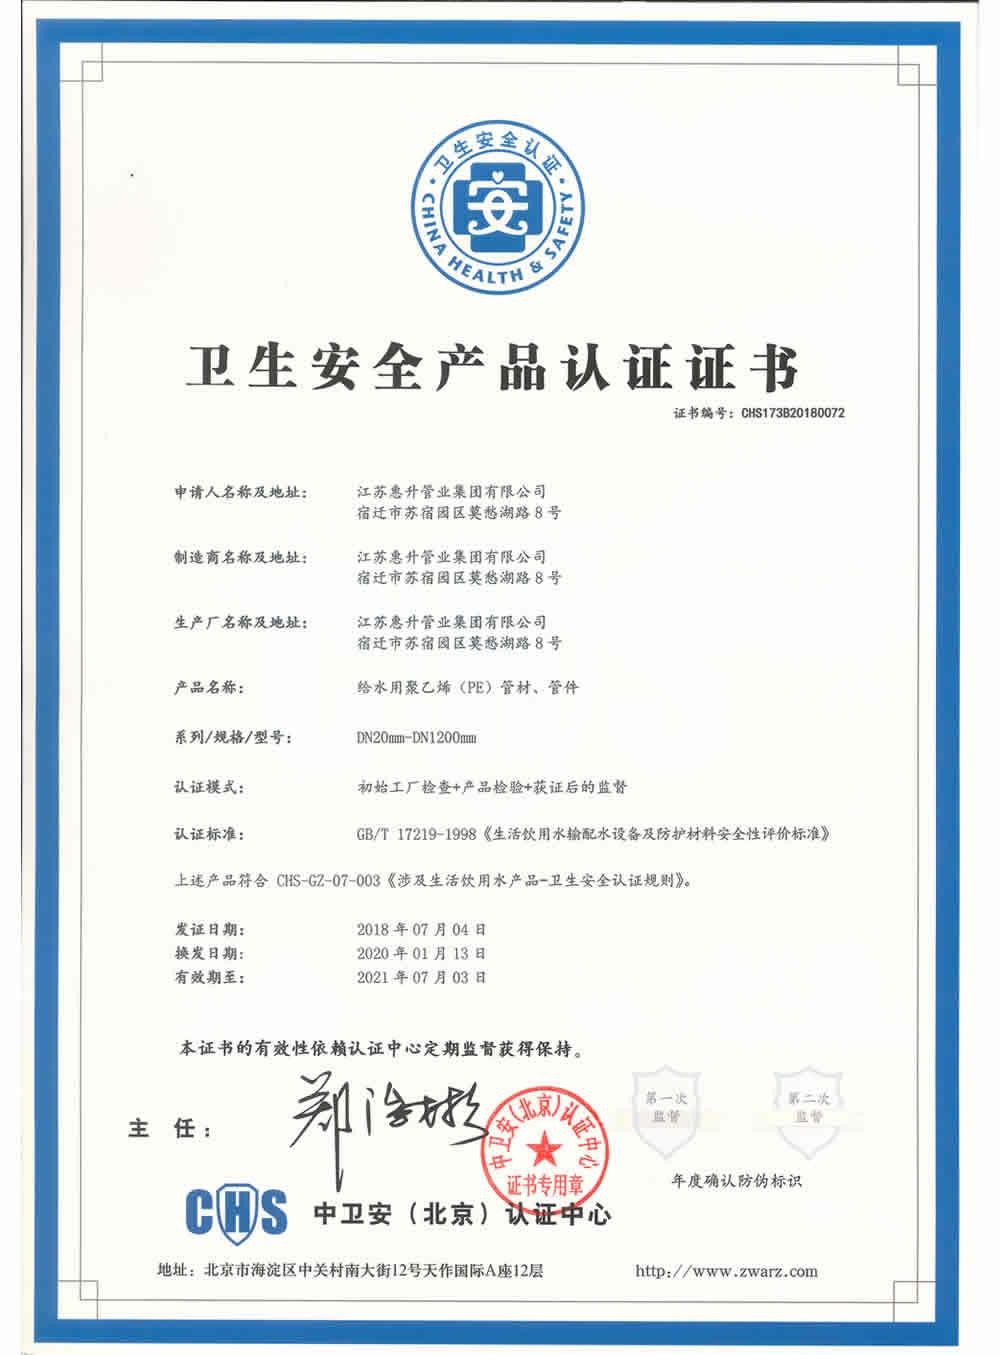 衛生安全產品認證證書2020